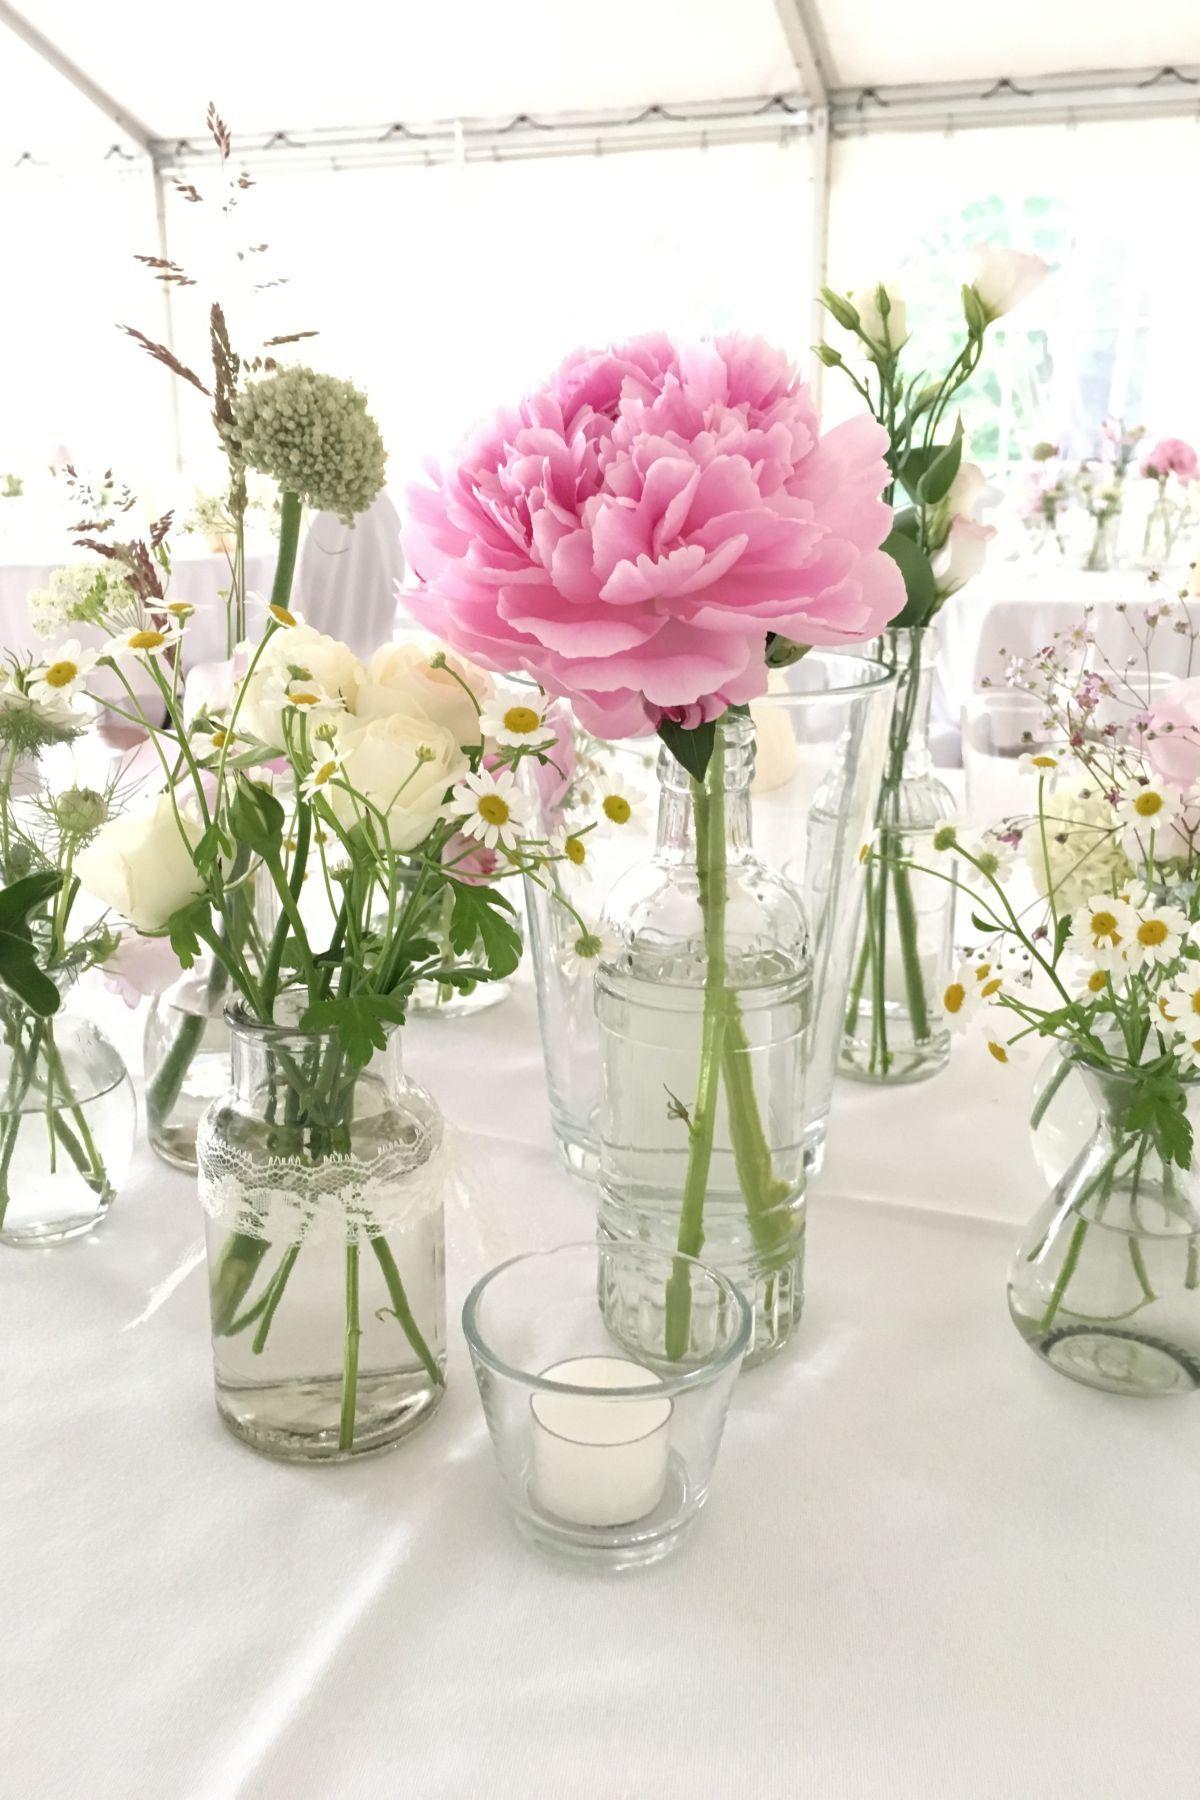 Tischdekoration Fur Eine Vitage Hochzeit Viele Kleine Vasen Mit